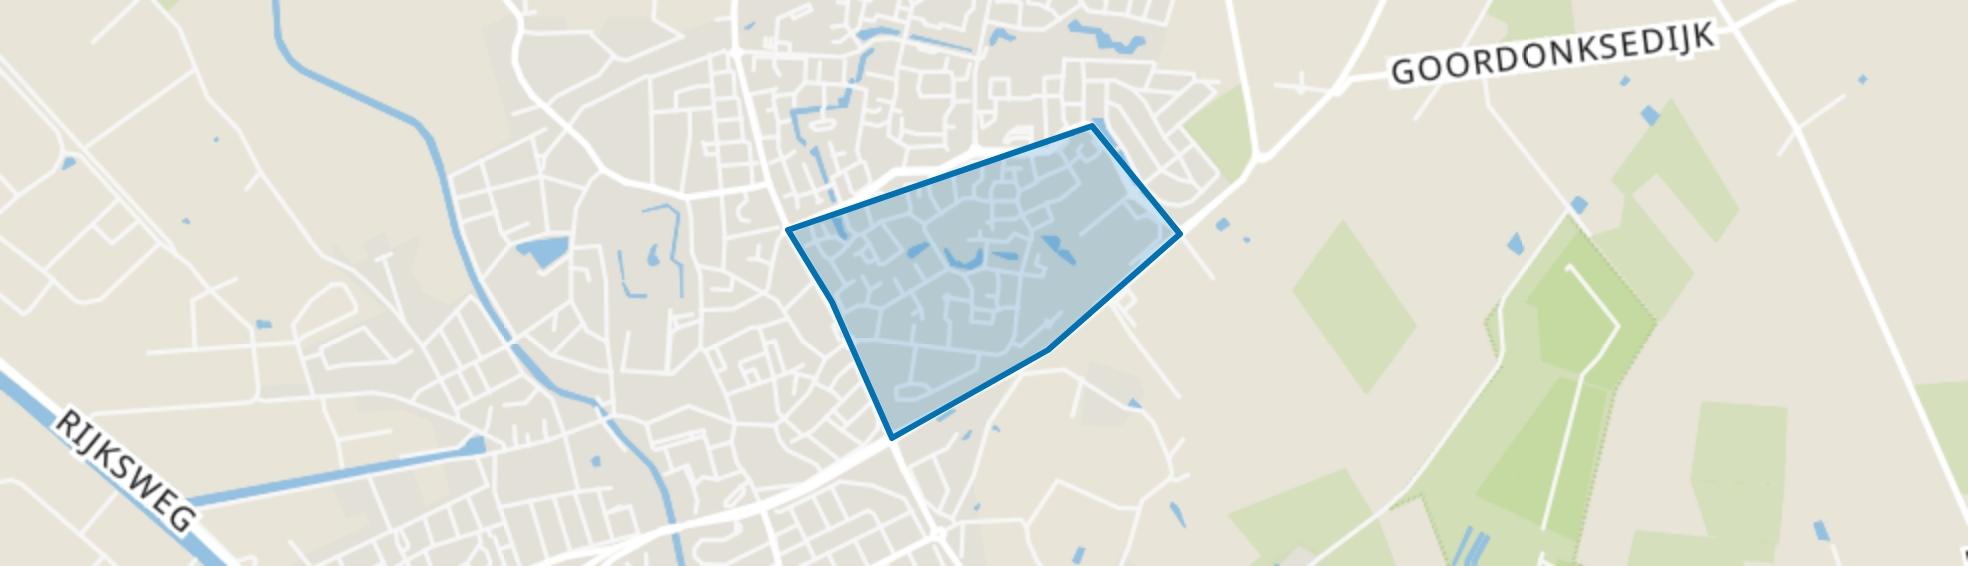 Laarbunders, Veghel map